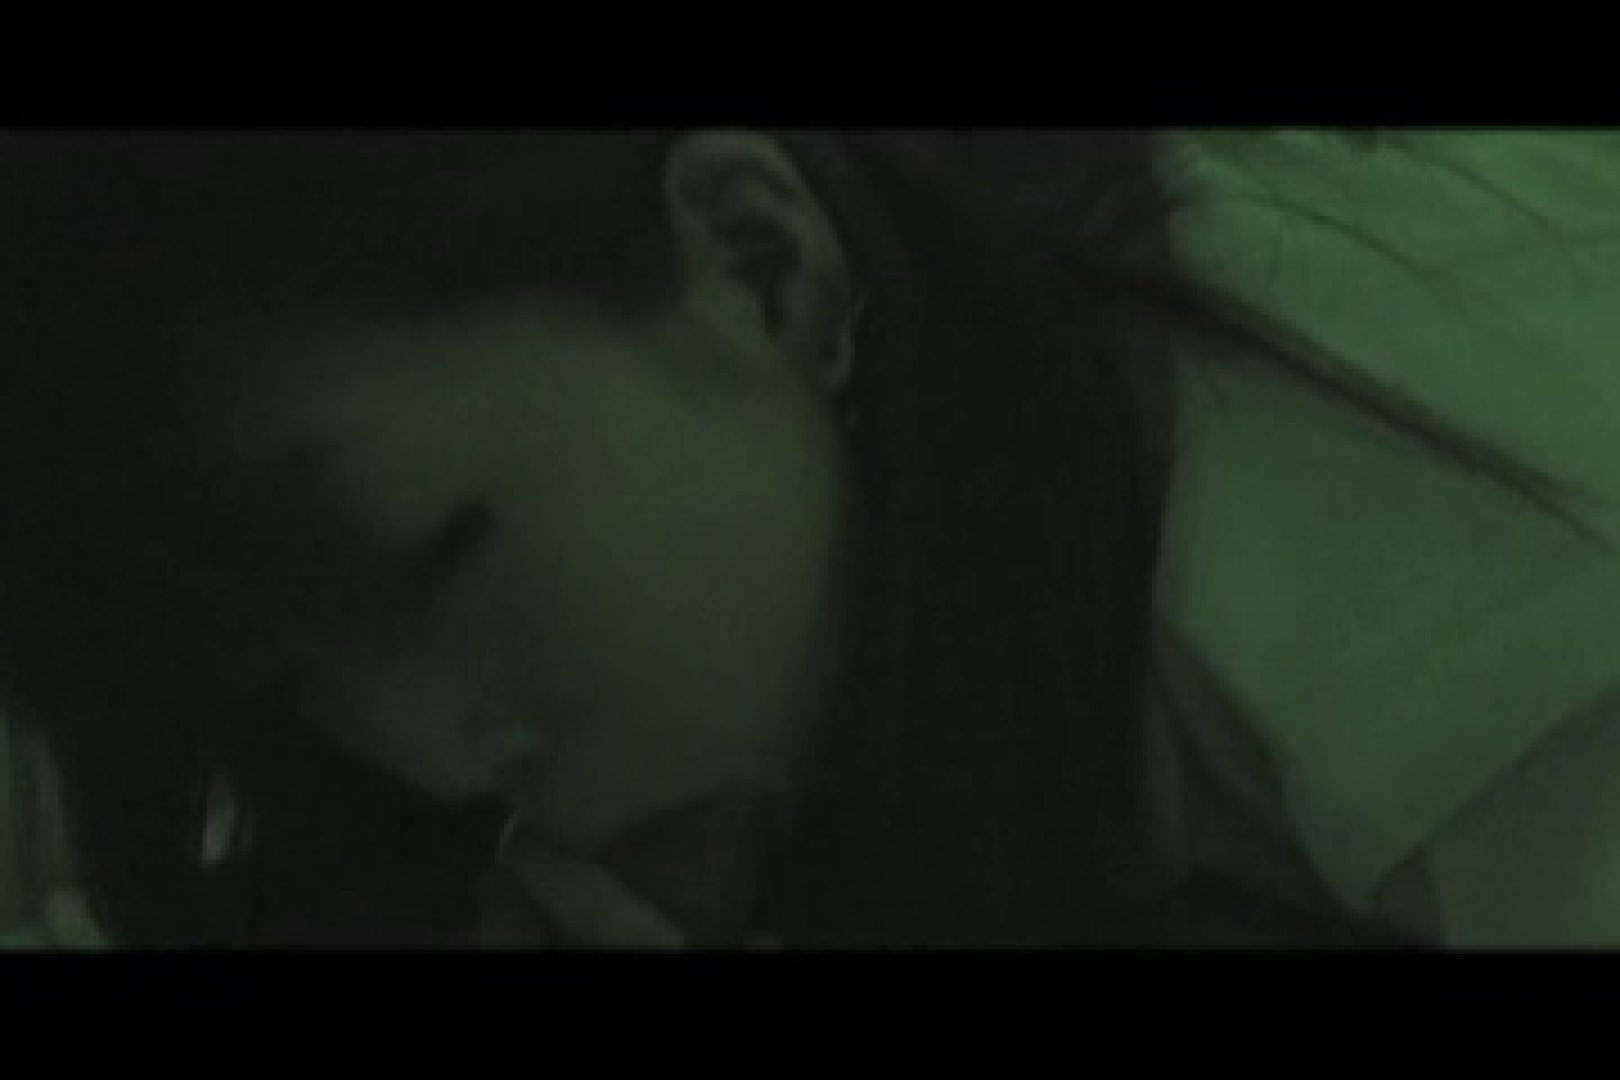 ヤリマンと呼ばれた看護士さんvol3 美しいOLの裸体 AV無料動画キャプチャ 72pic 72